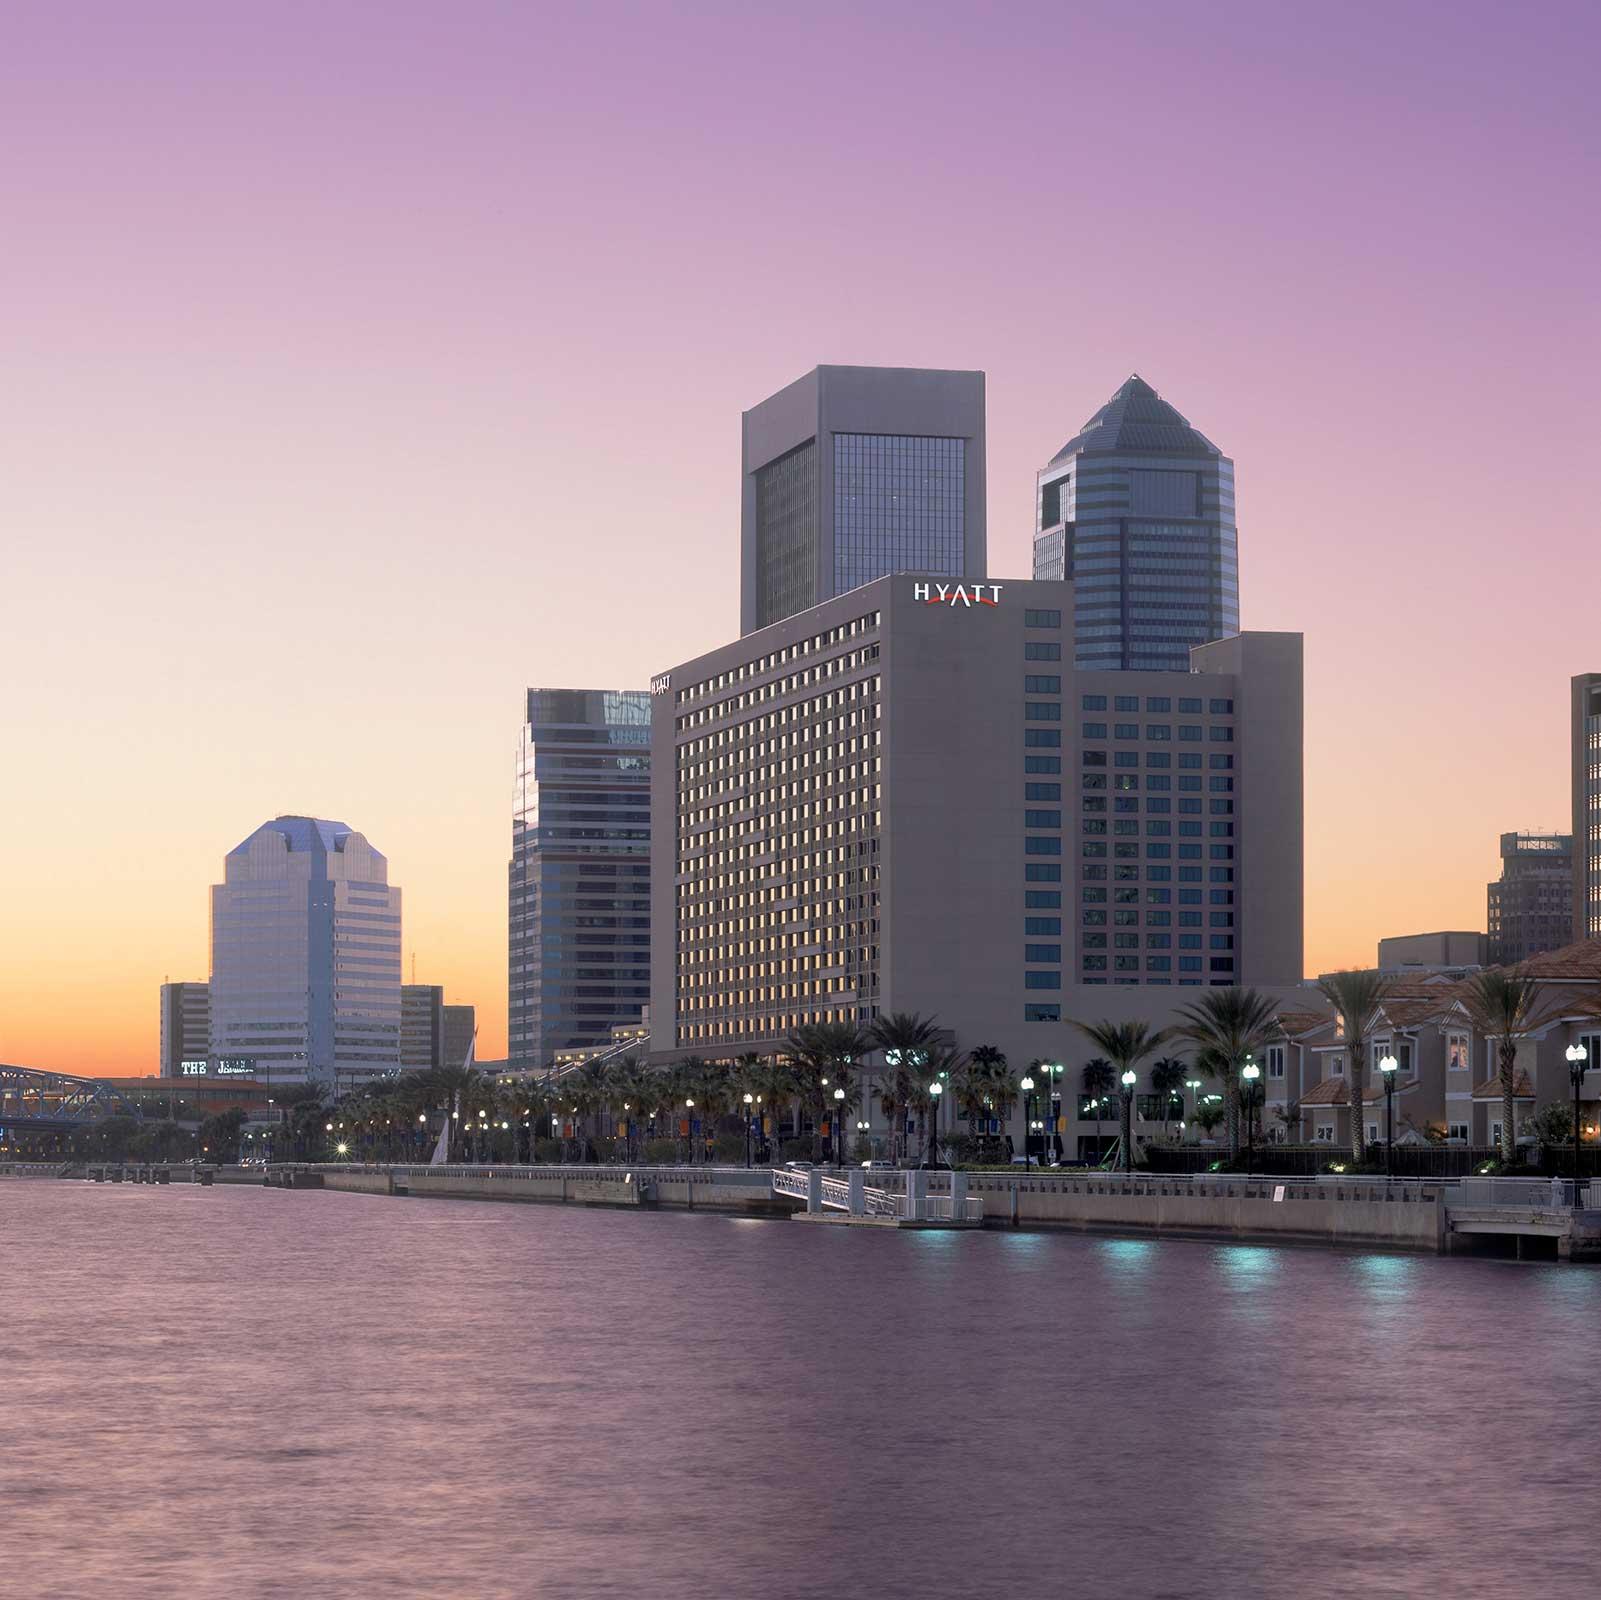 Hyatt Regency Jacksonville Riverfront, FL, USA